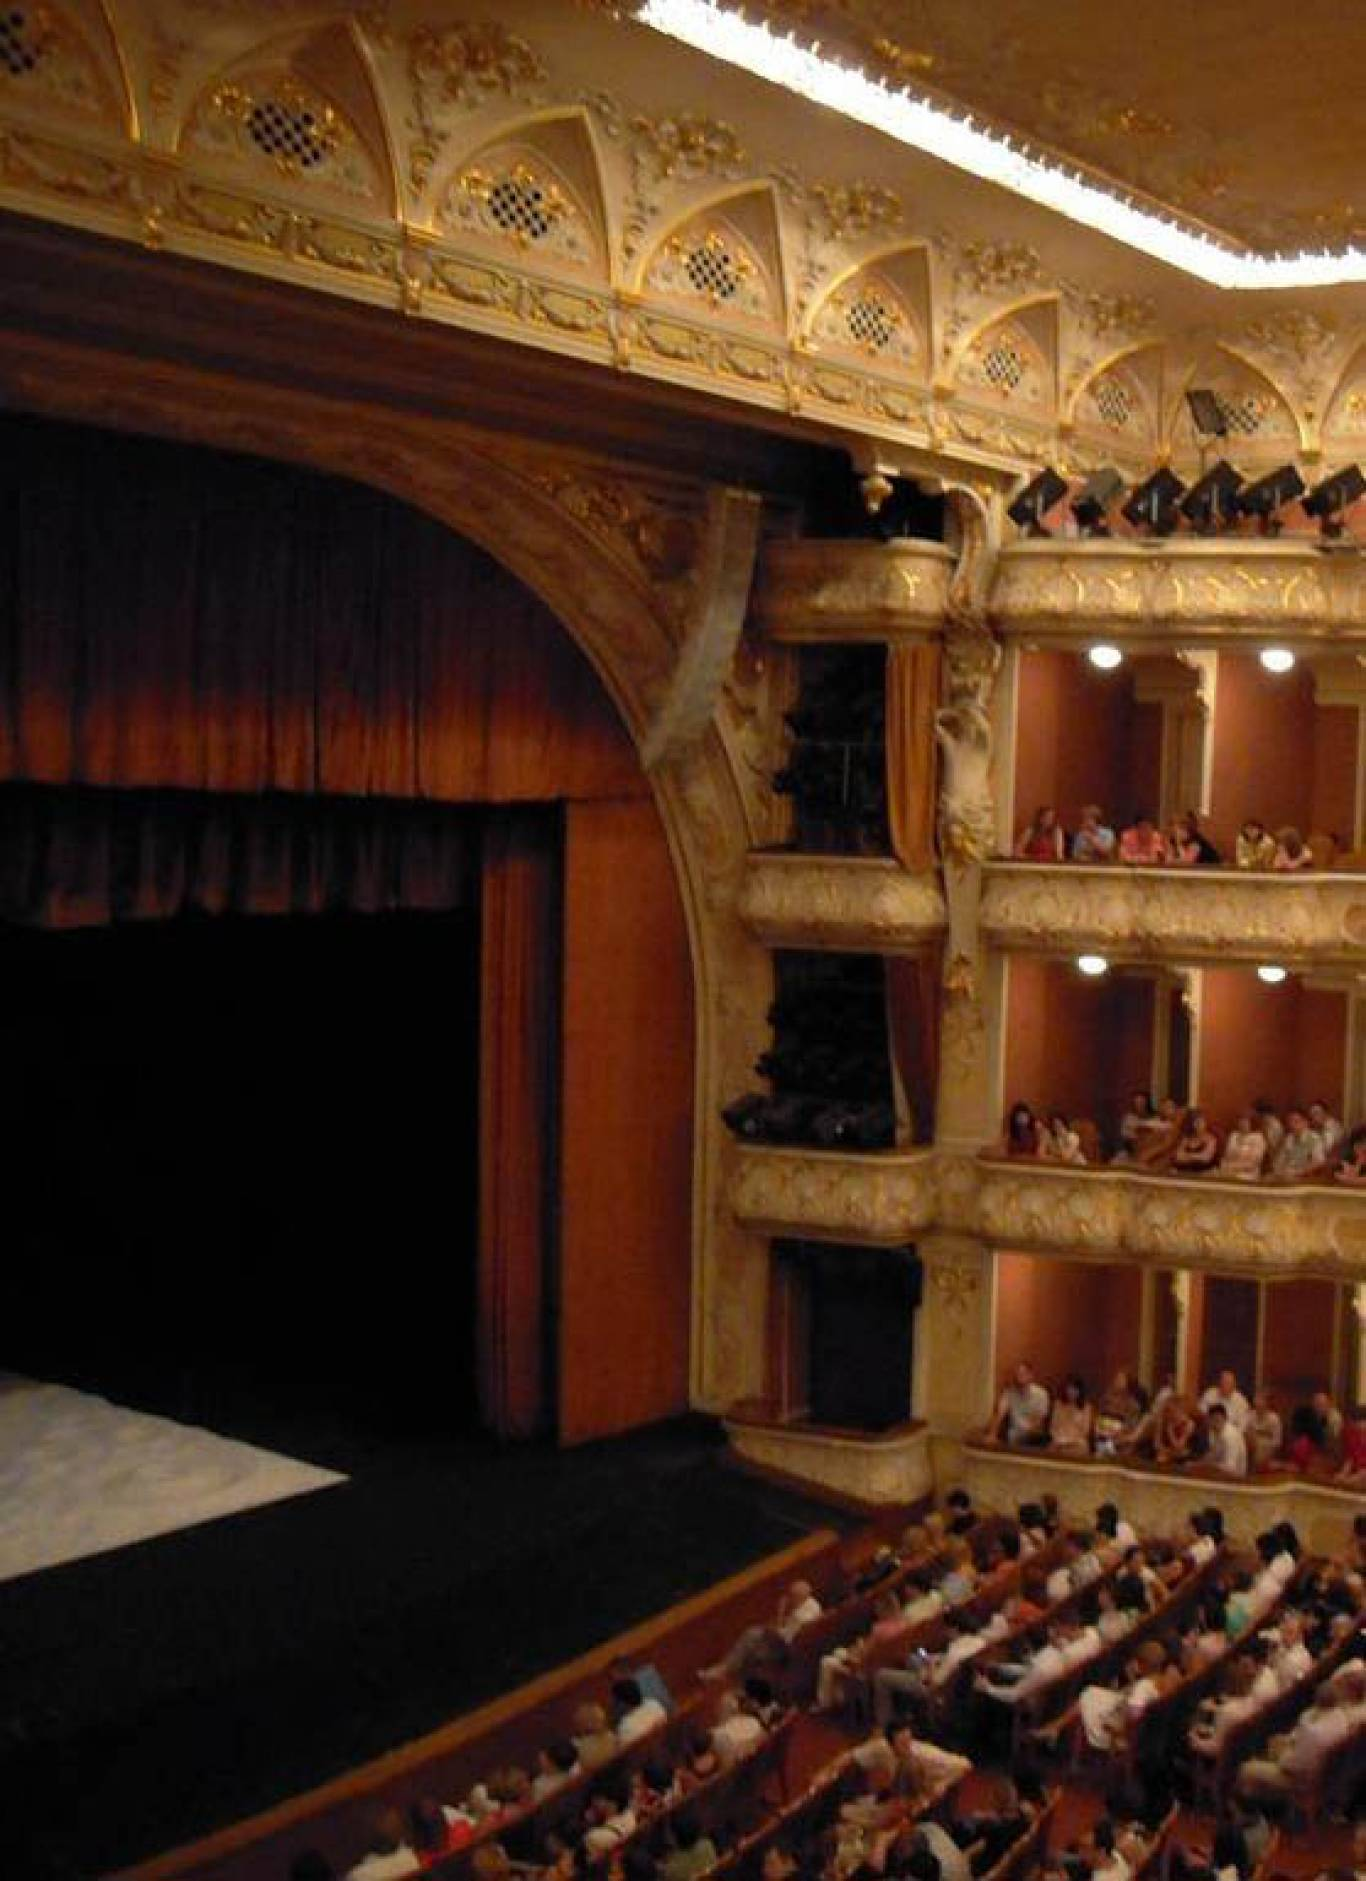 Національний академічний театр імені І.Франка запрошує до себе на святковий ювілей!